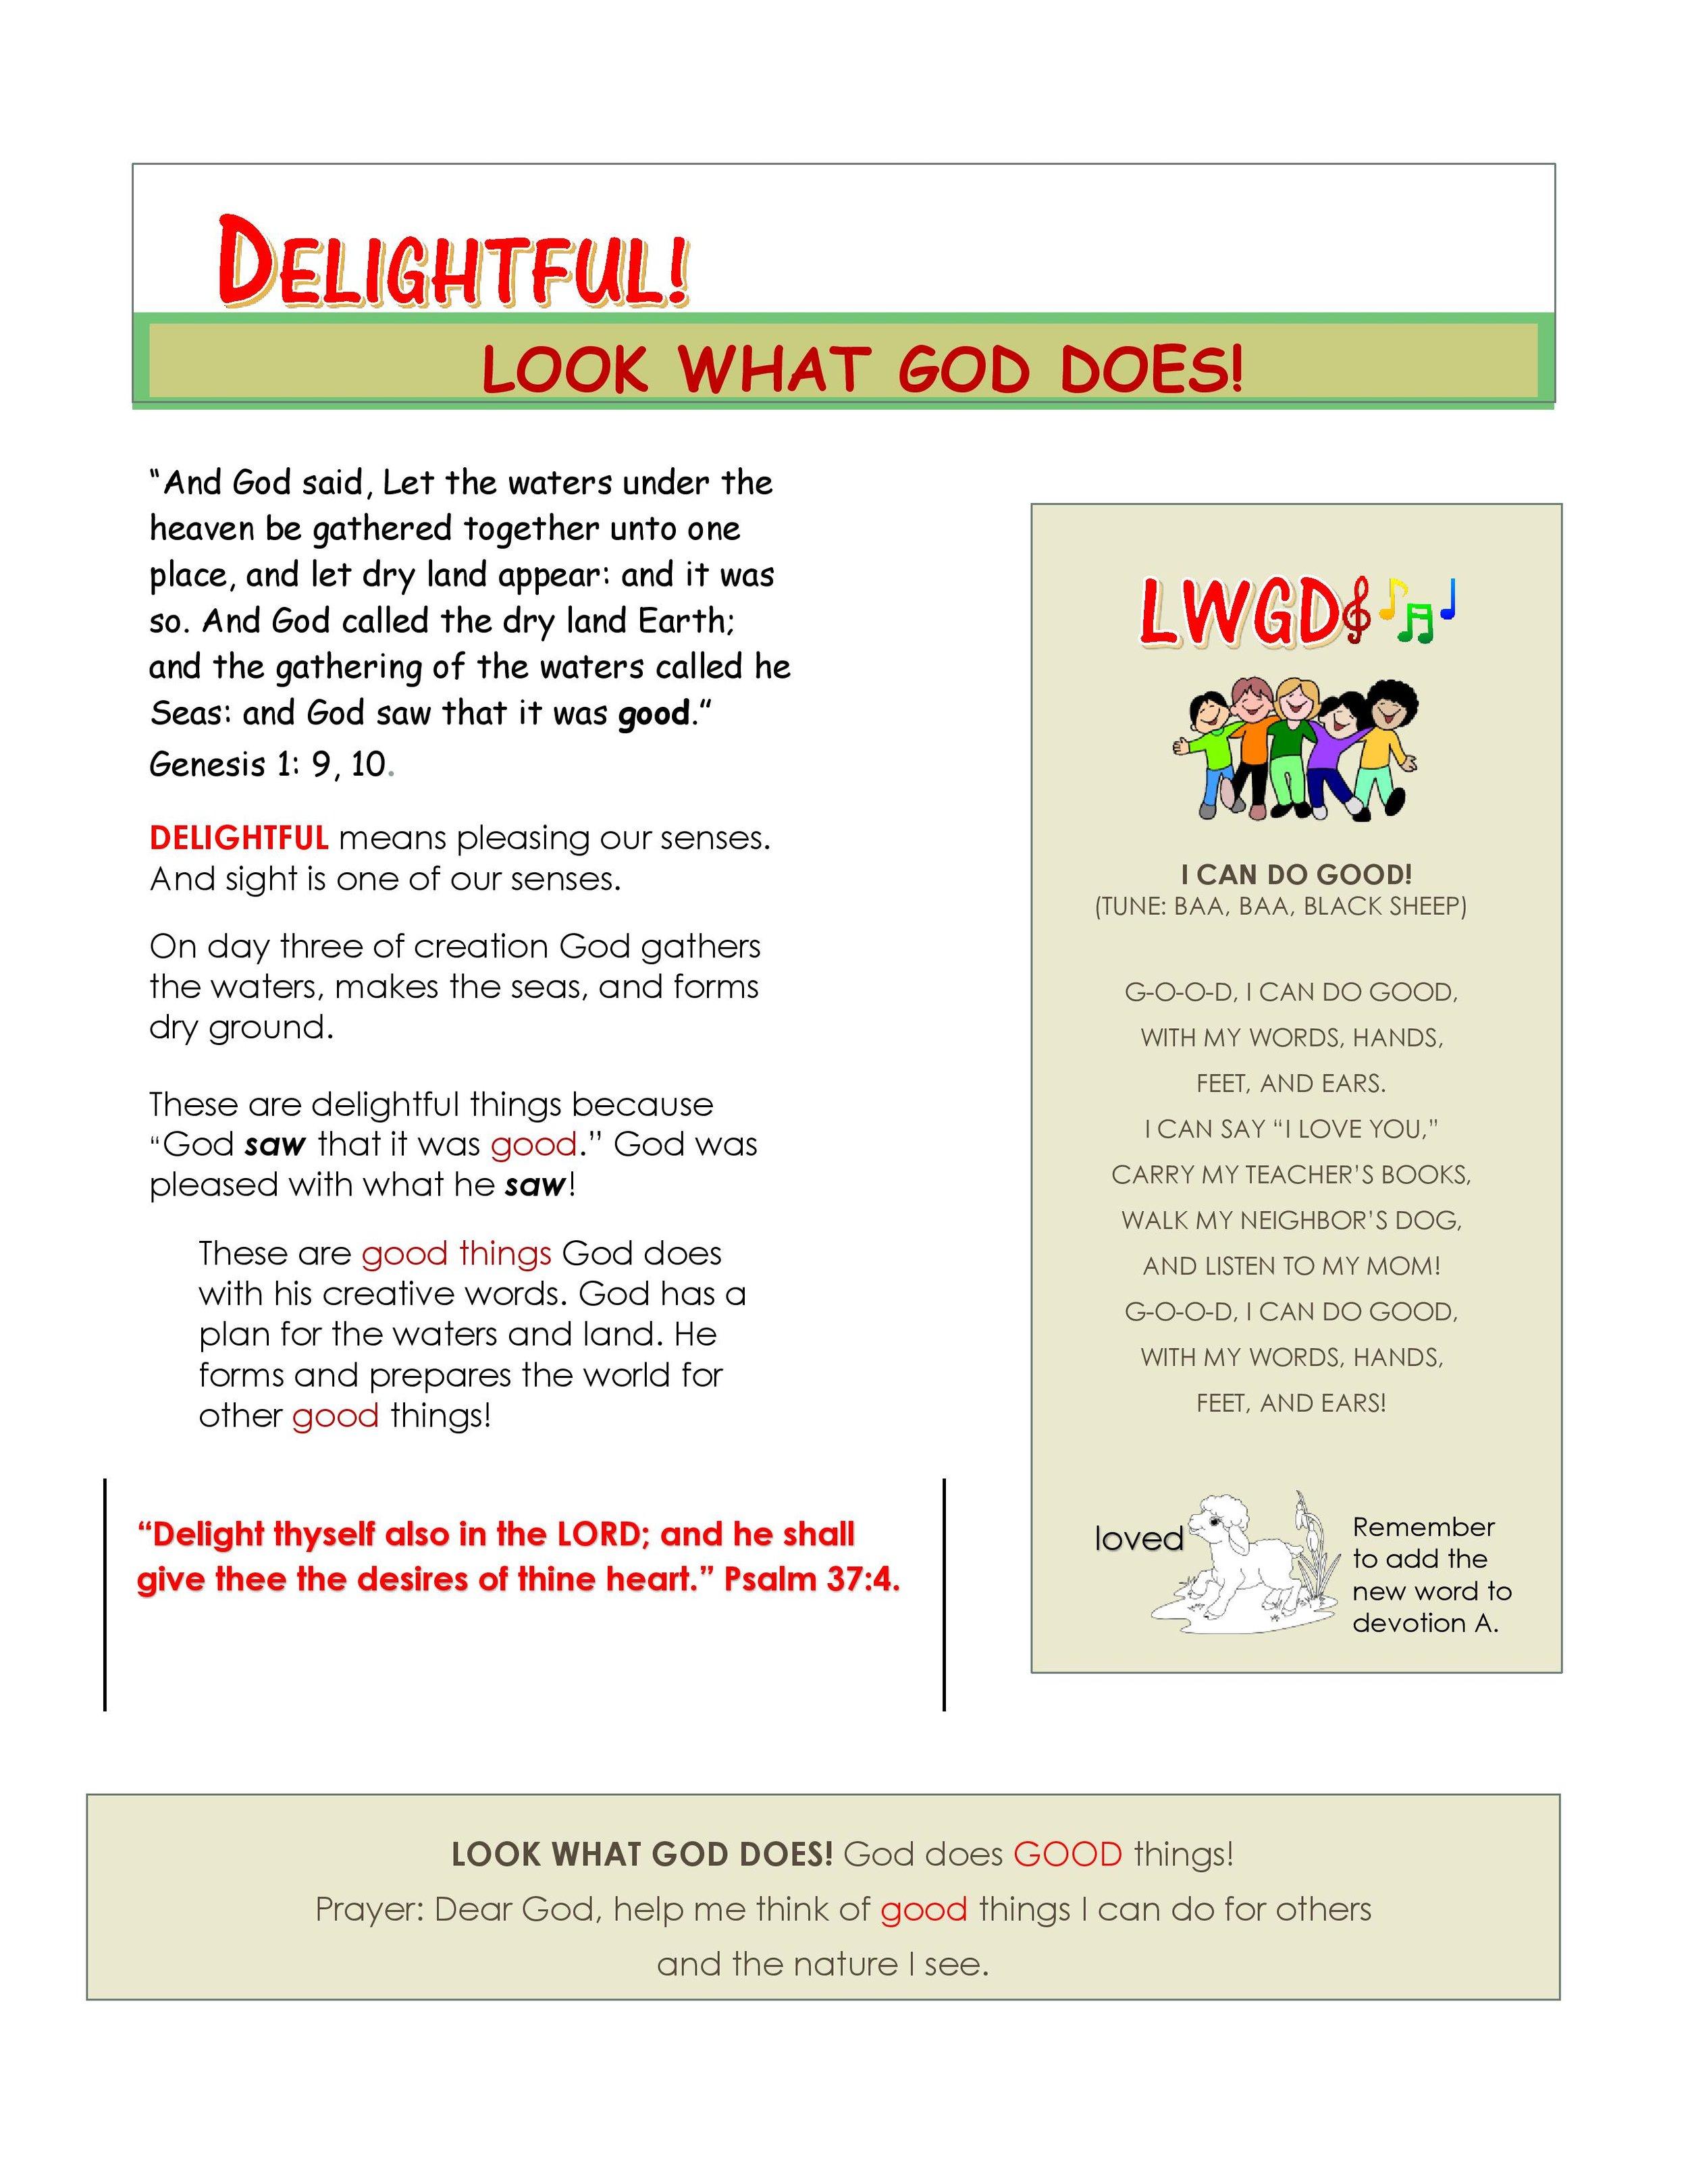 D Delightful Children's Devotion